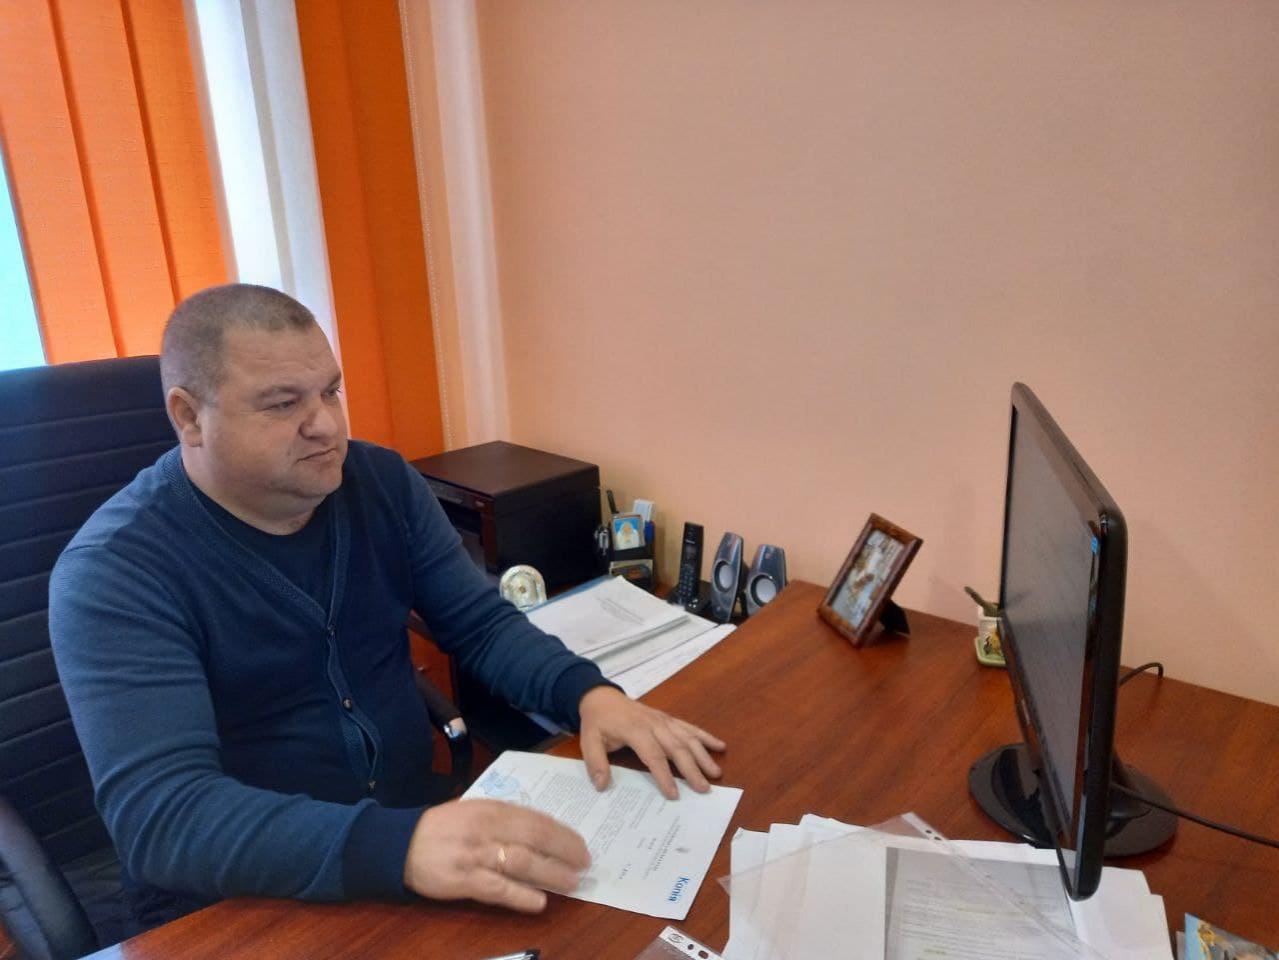 http://dunrada.gov.ua/uploadfile/archive_news/2021/10/13/2021-10-13_10000/images/images-85541.jpg